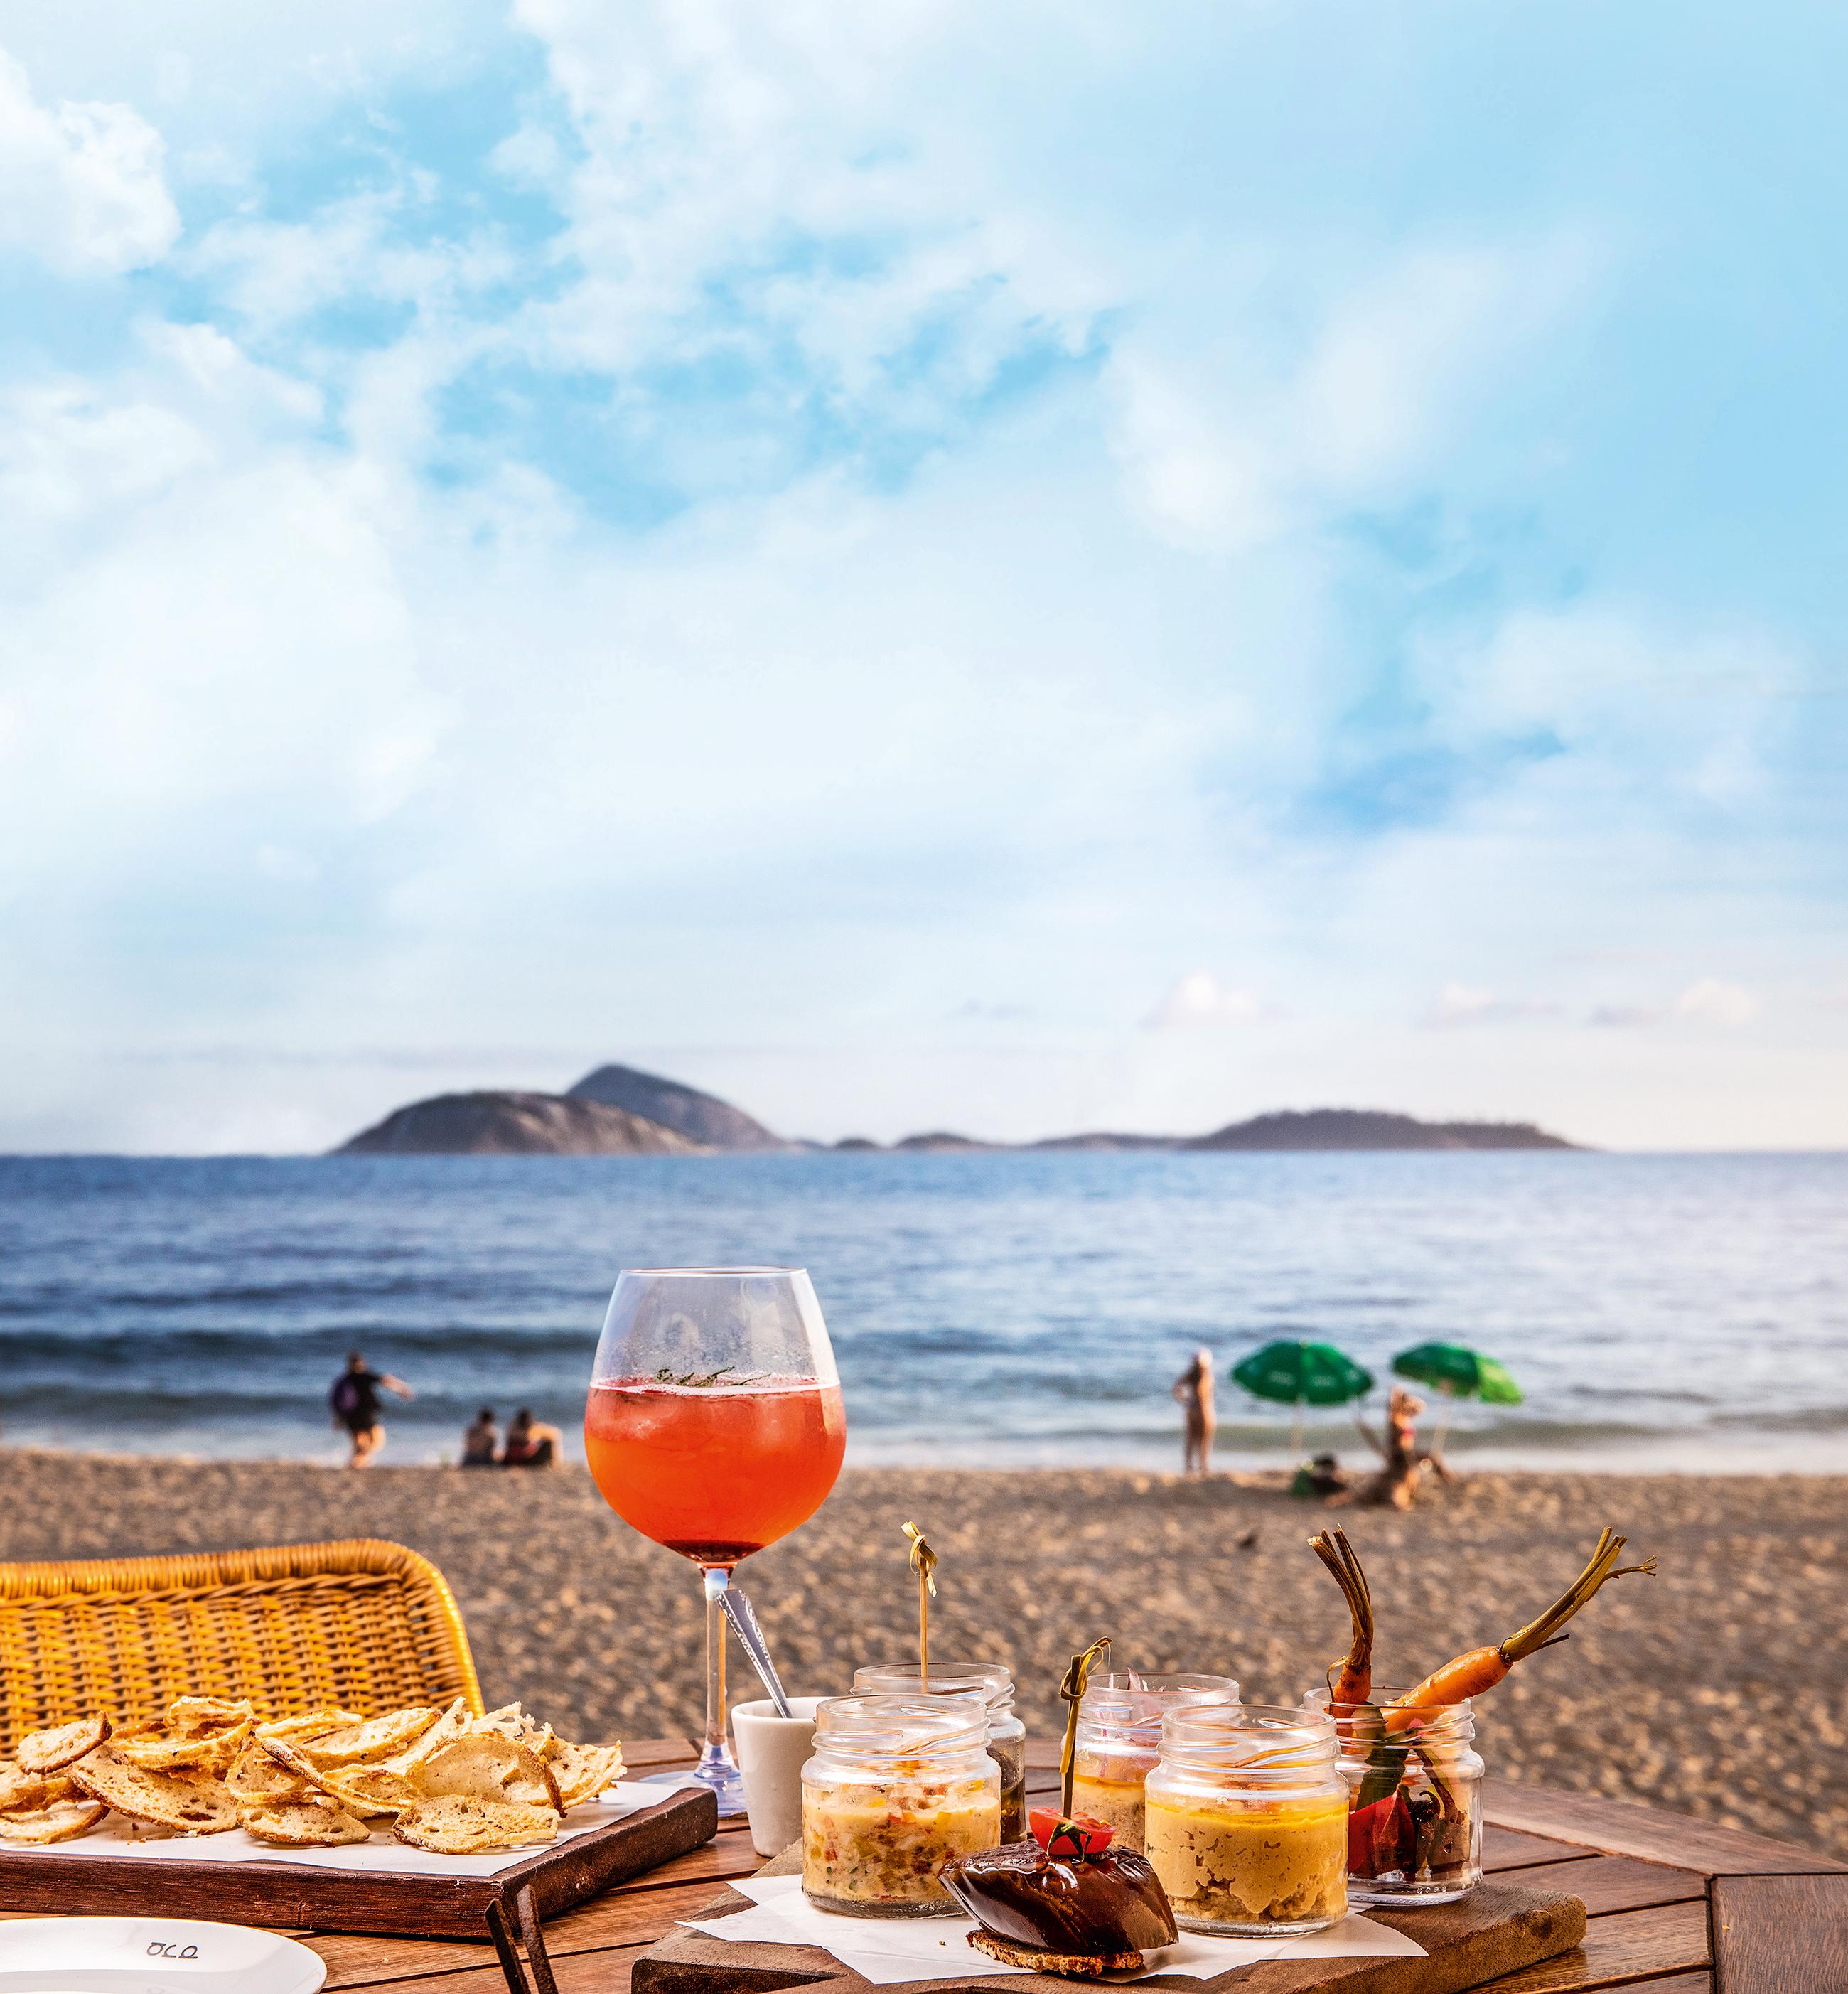 Mesa posta com petiscos e drinque em frente à praia do Arpoador